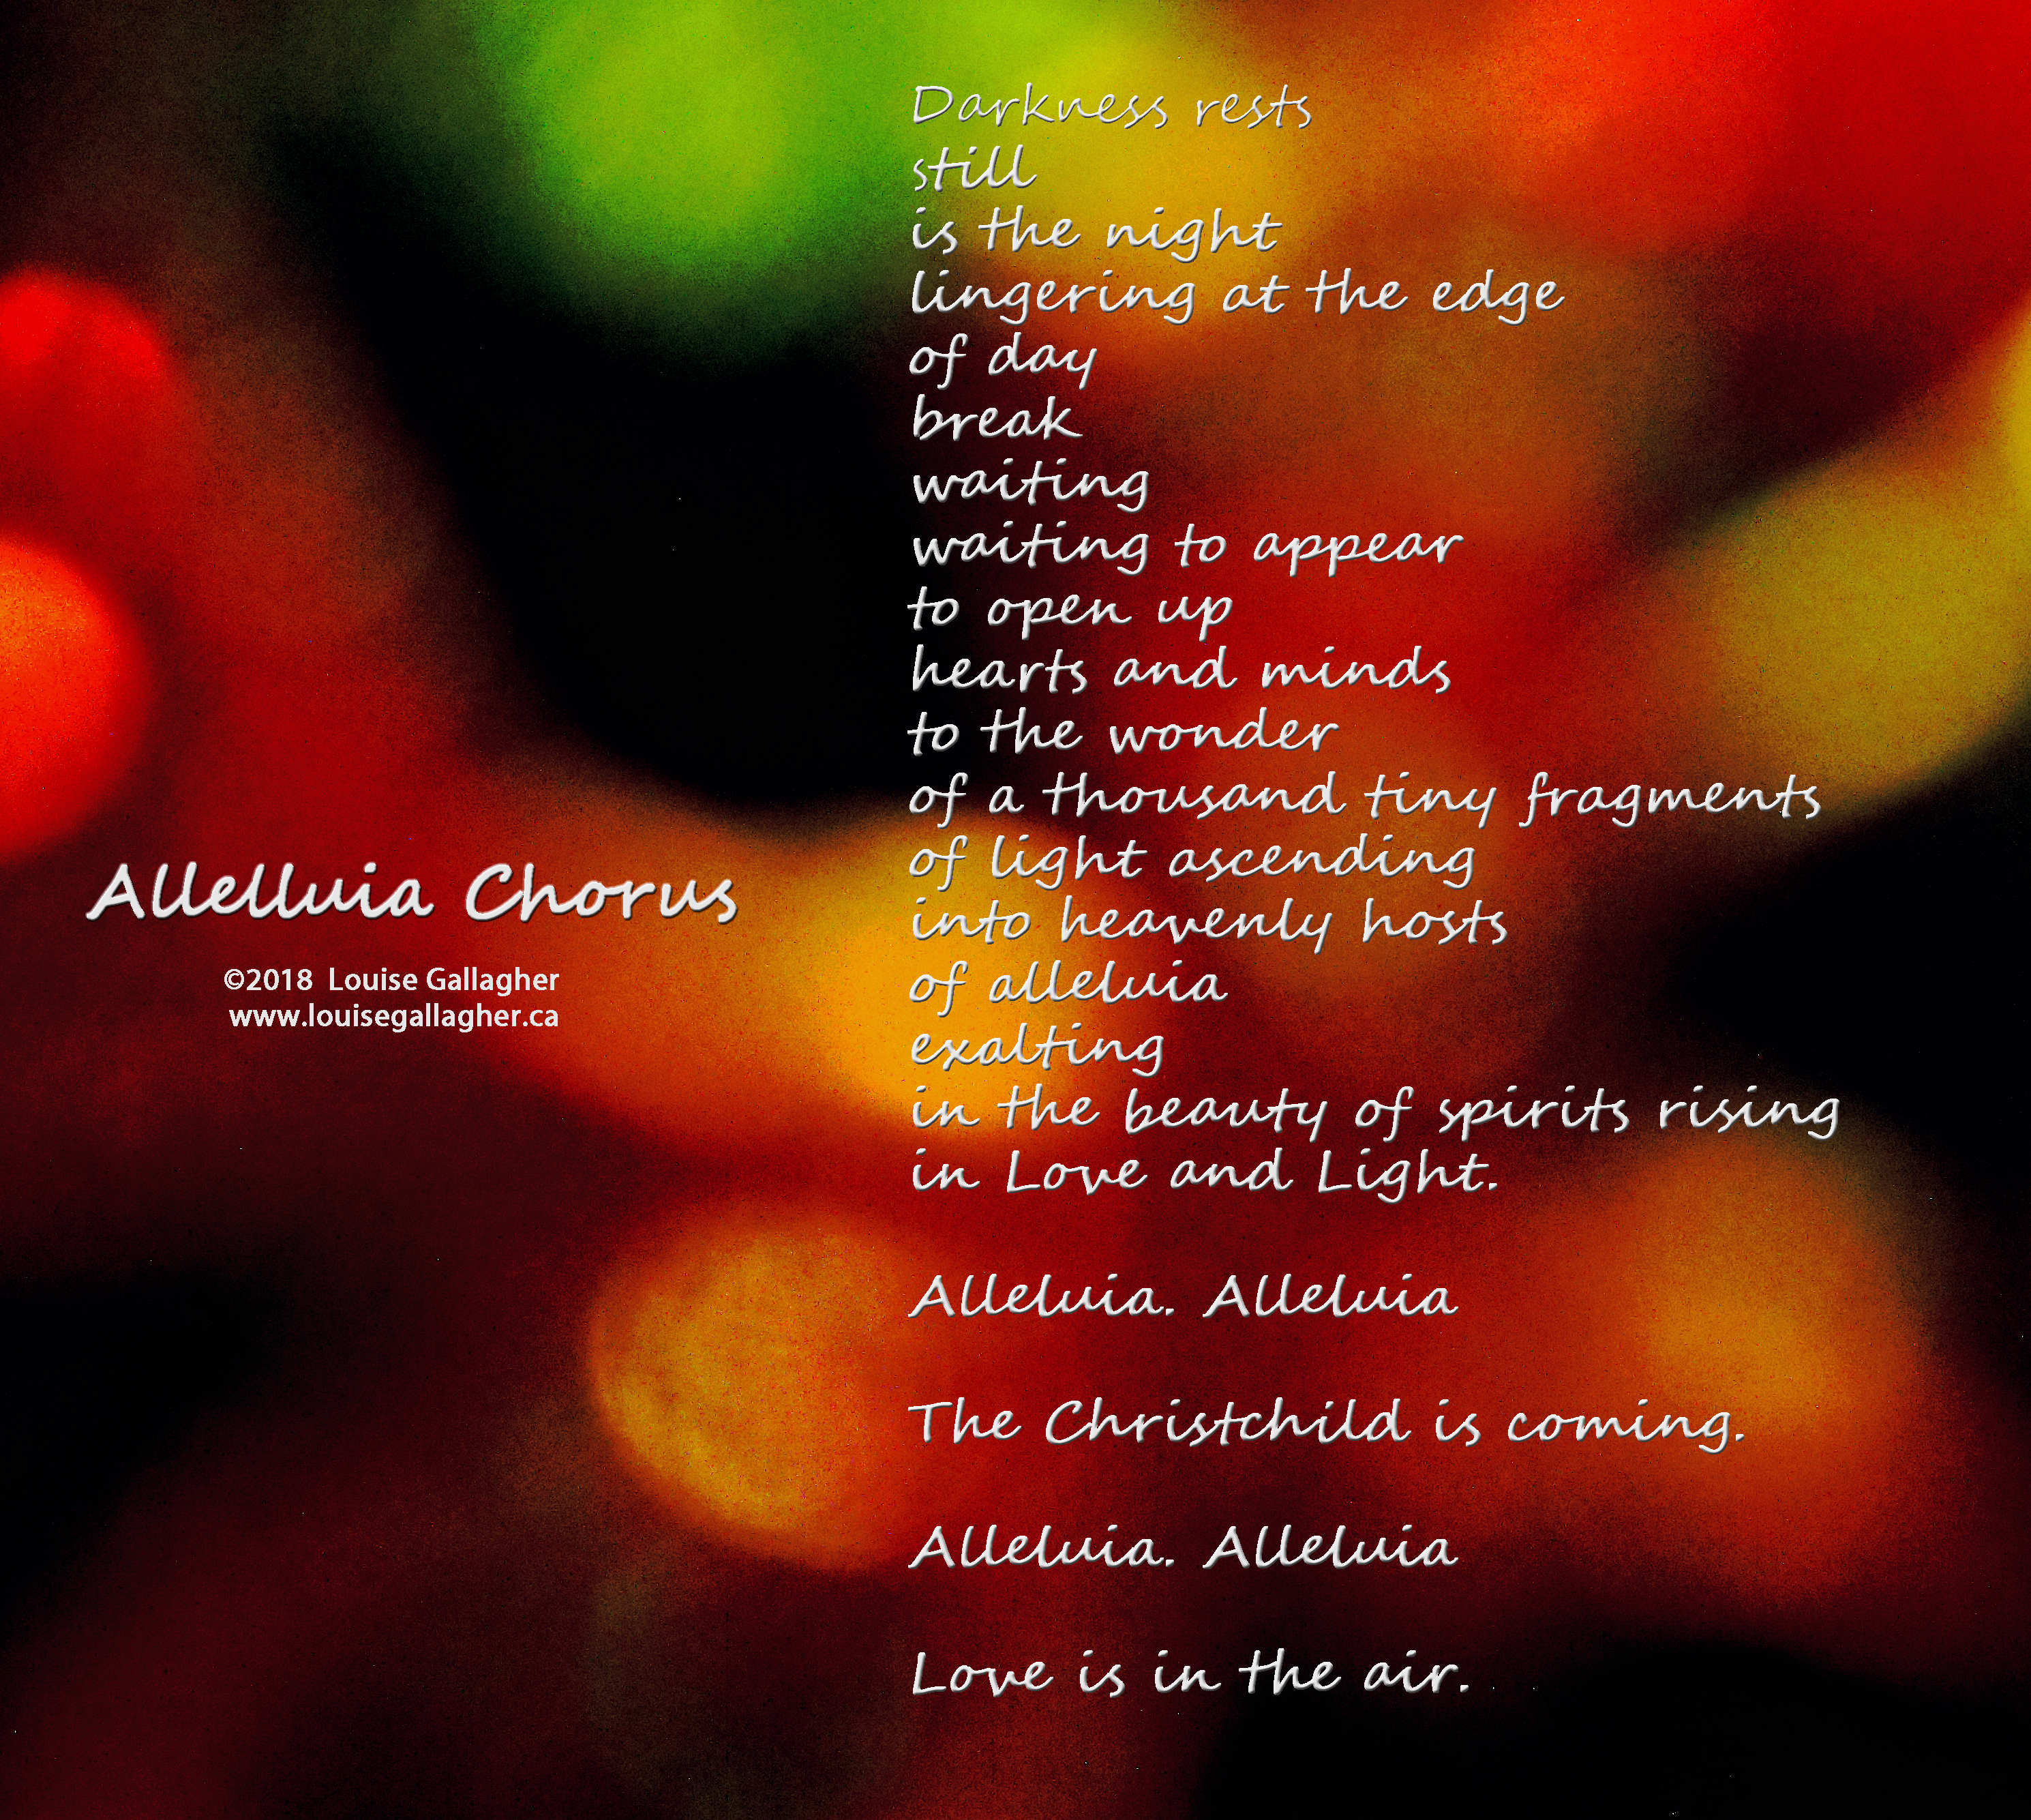 Allelluia Chorus